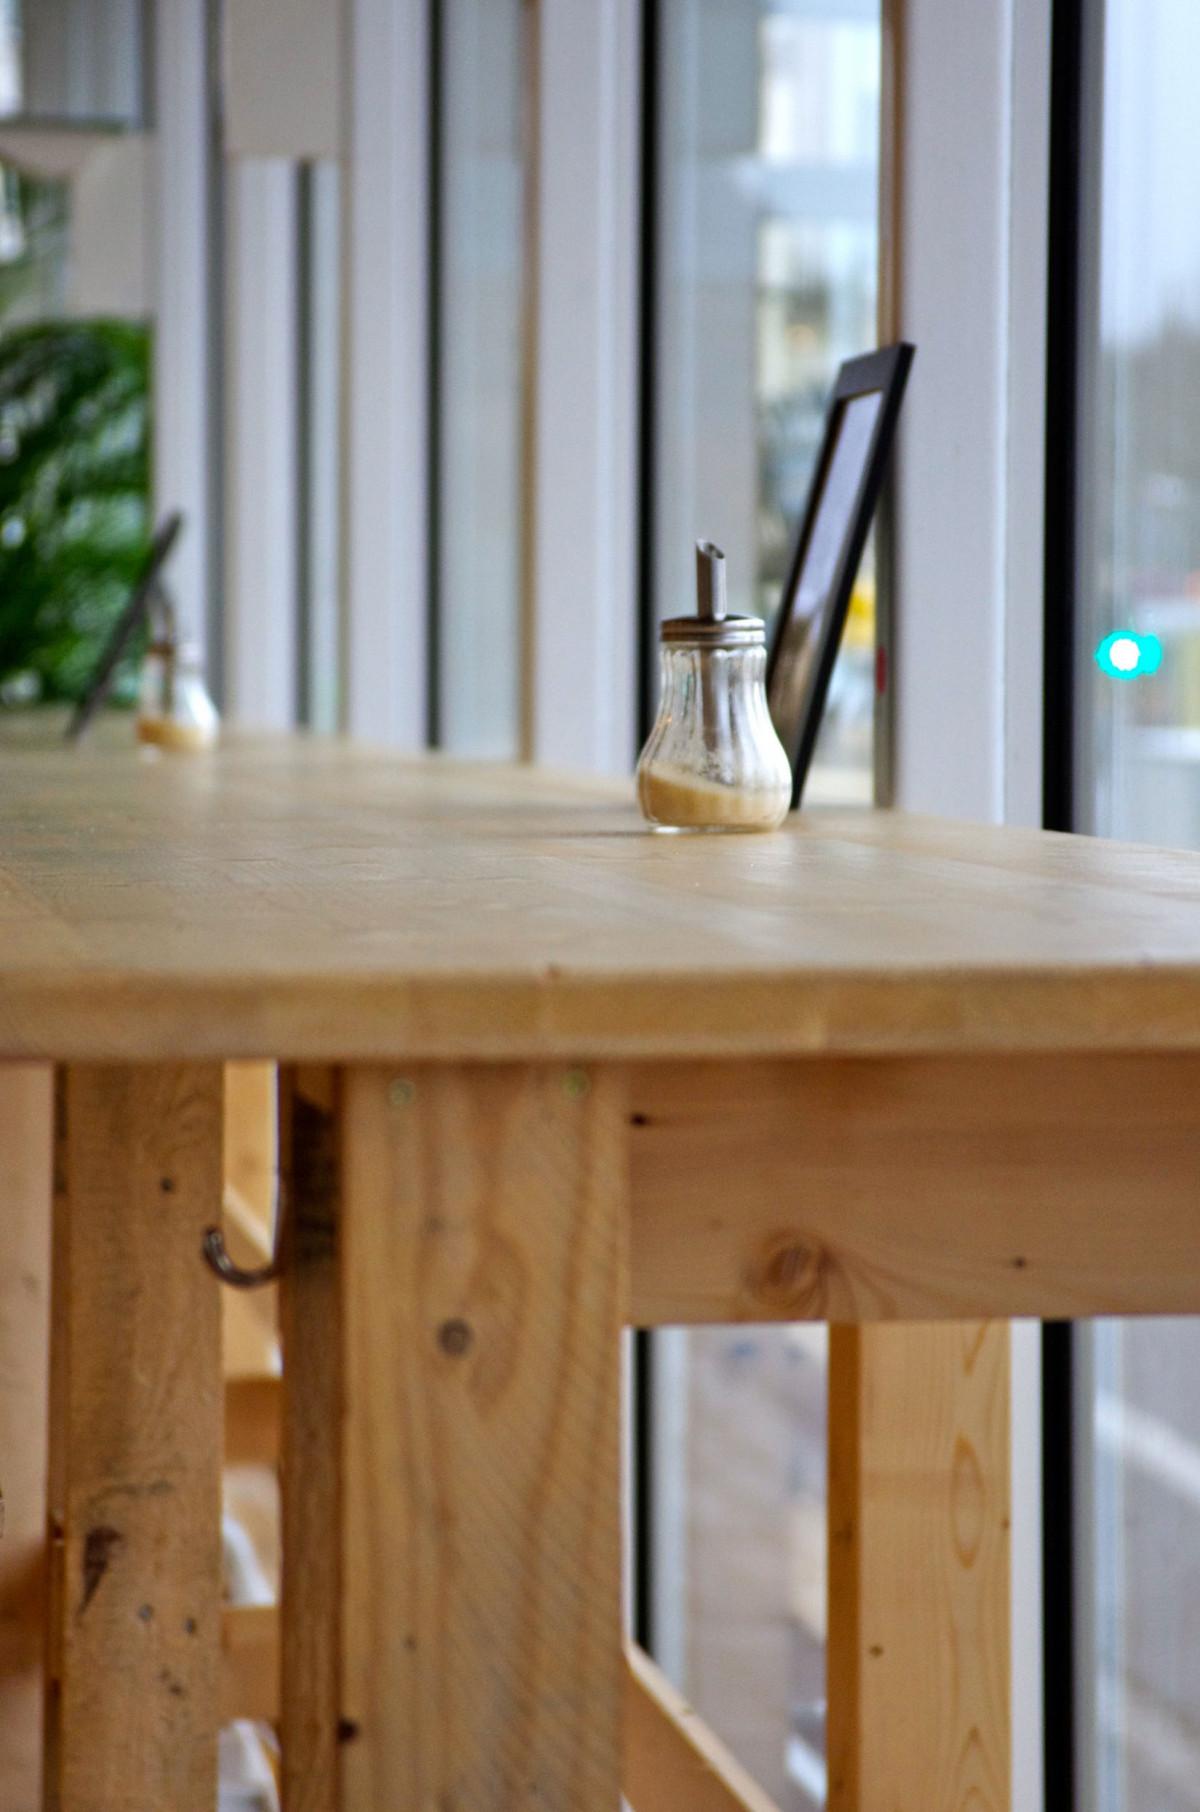 Gambar Kafe Lantai Jendela Restoran Rumah Dapur